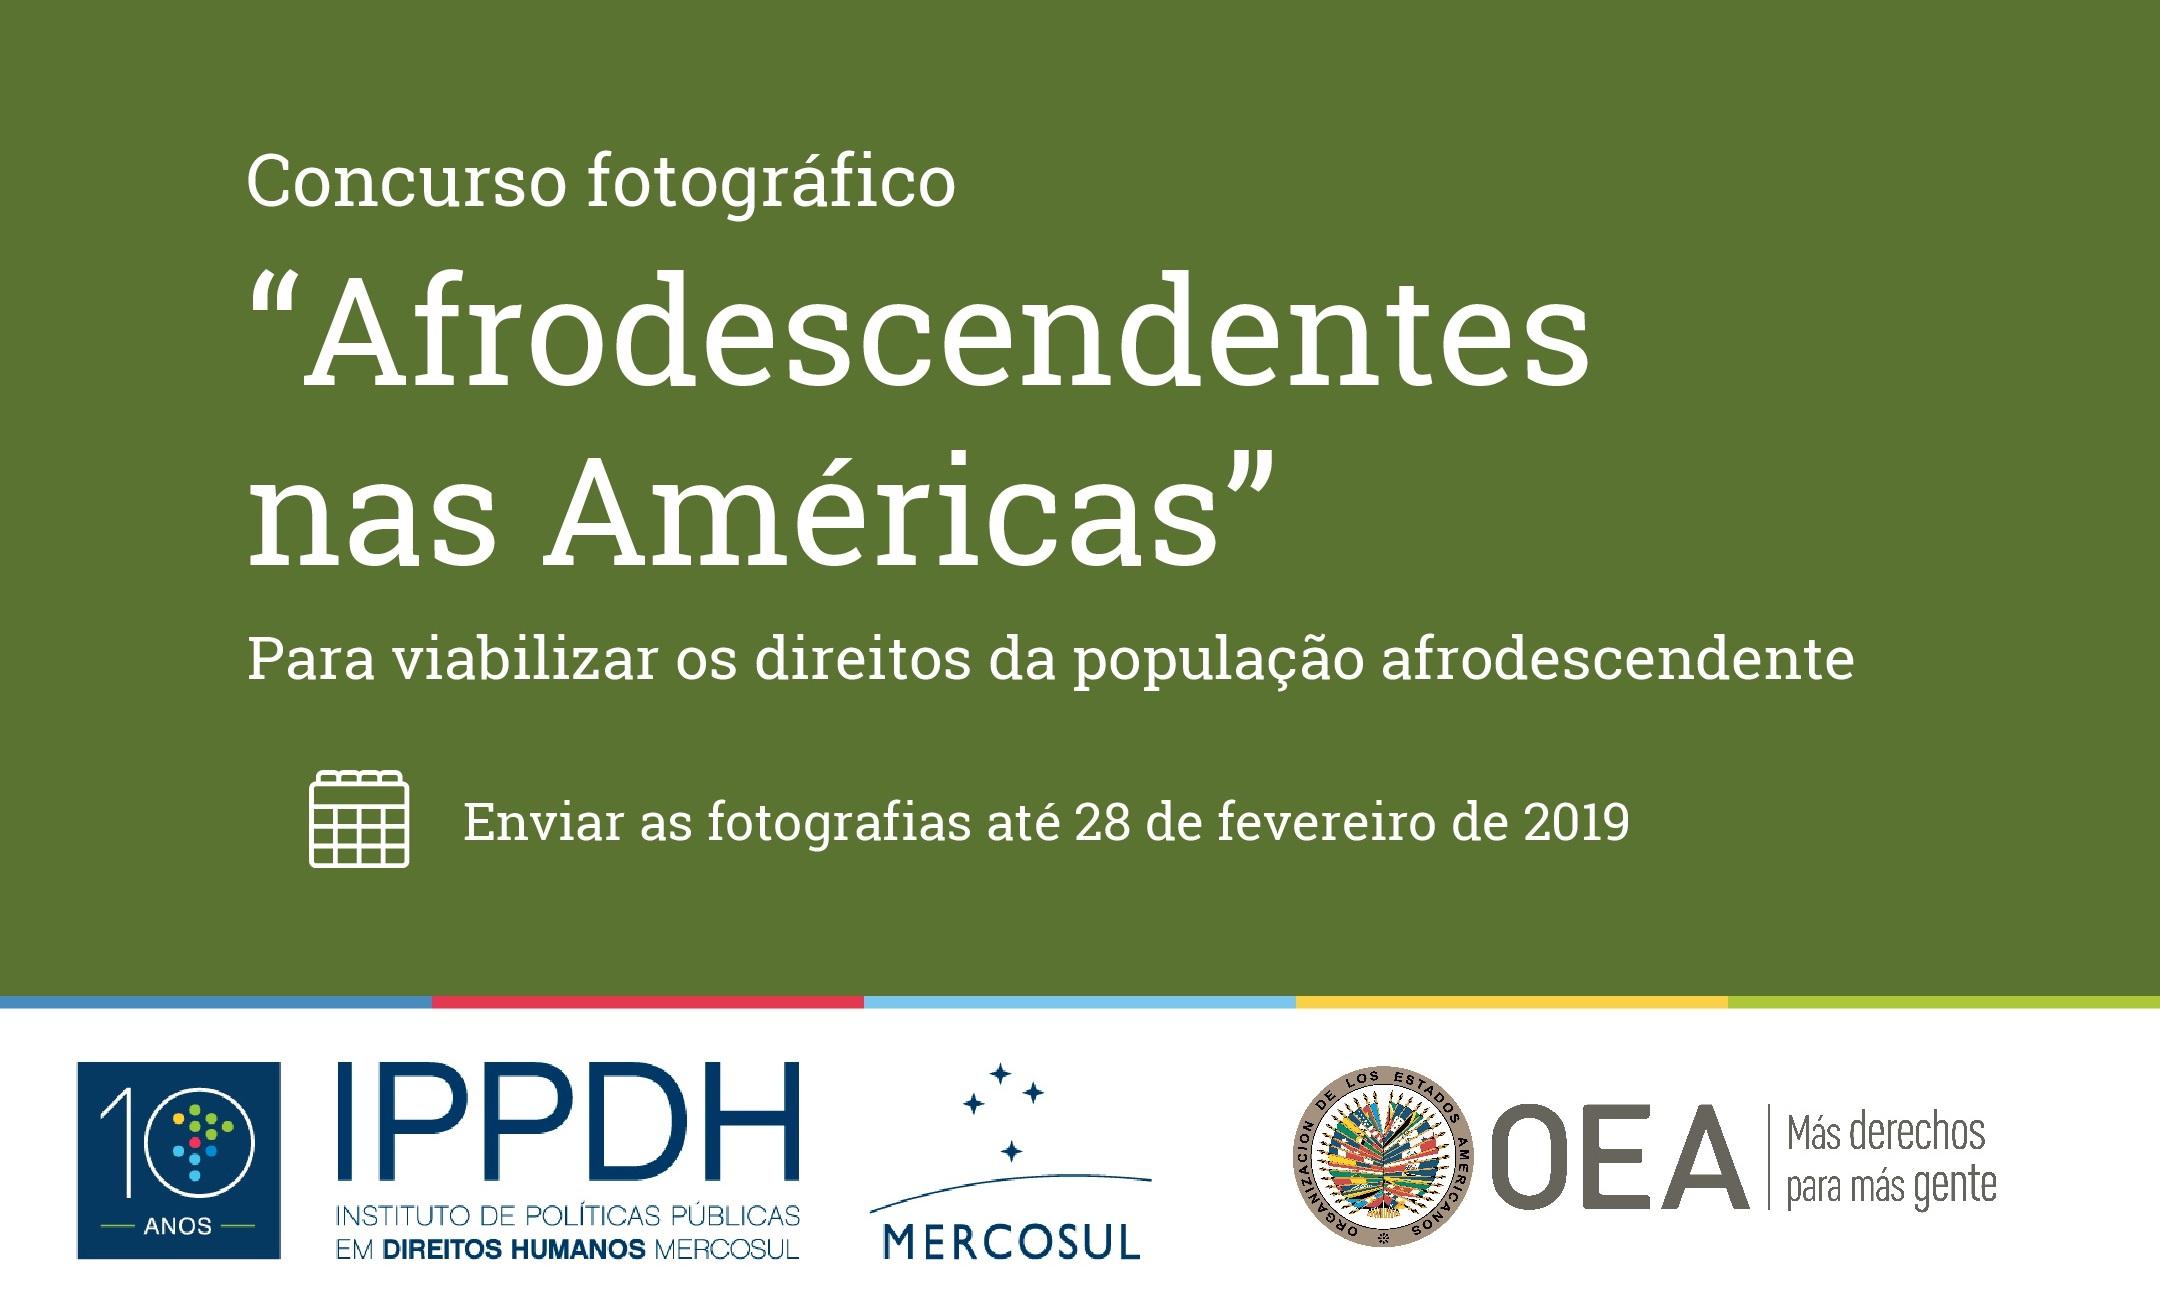 """PRORROGAÇÃO do prazo do Concurso fotográfico """"Afrodescendentes nas Américas"""""""